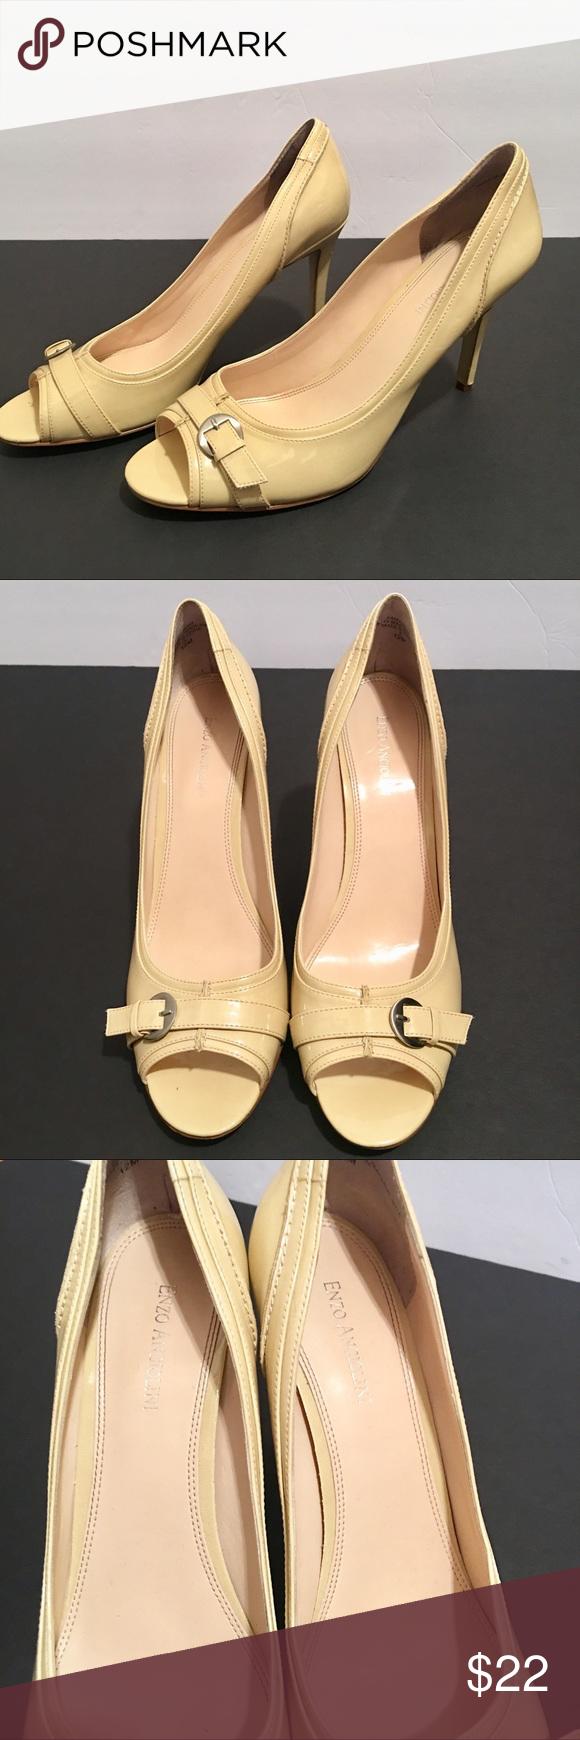 Enzo Angiolini • Nude Peep Toe Heels Size 12 Enzo Angiolini nude Peep toe  heels size 42a694d17a4d